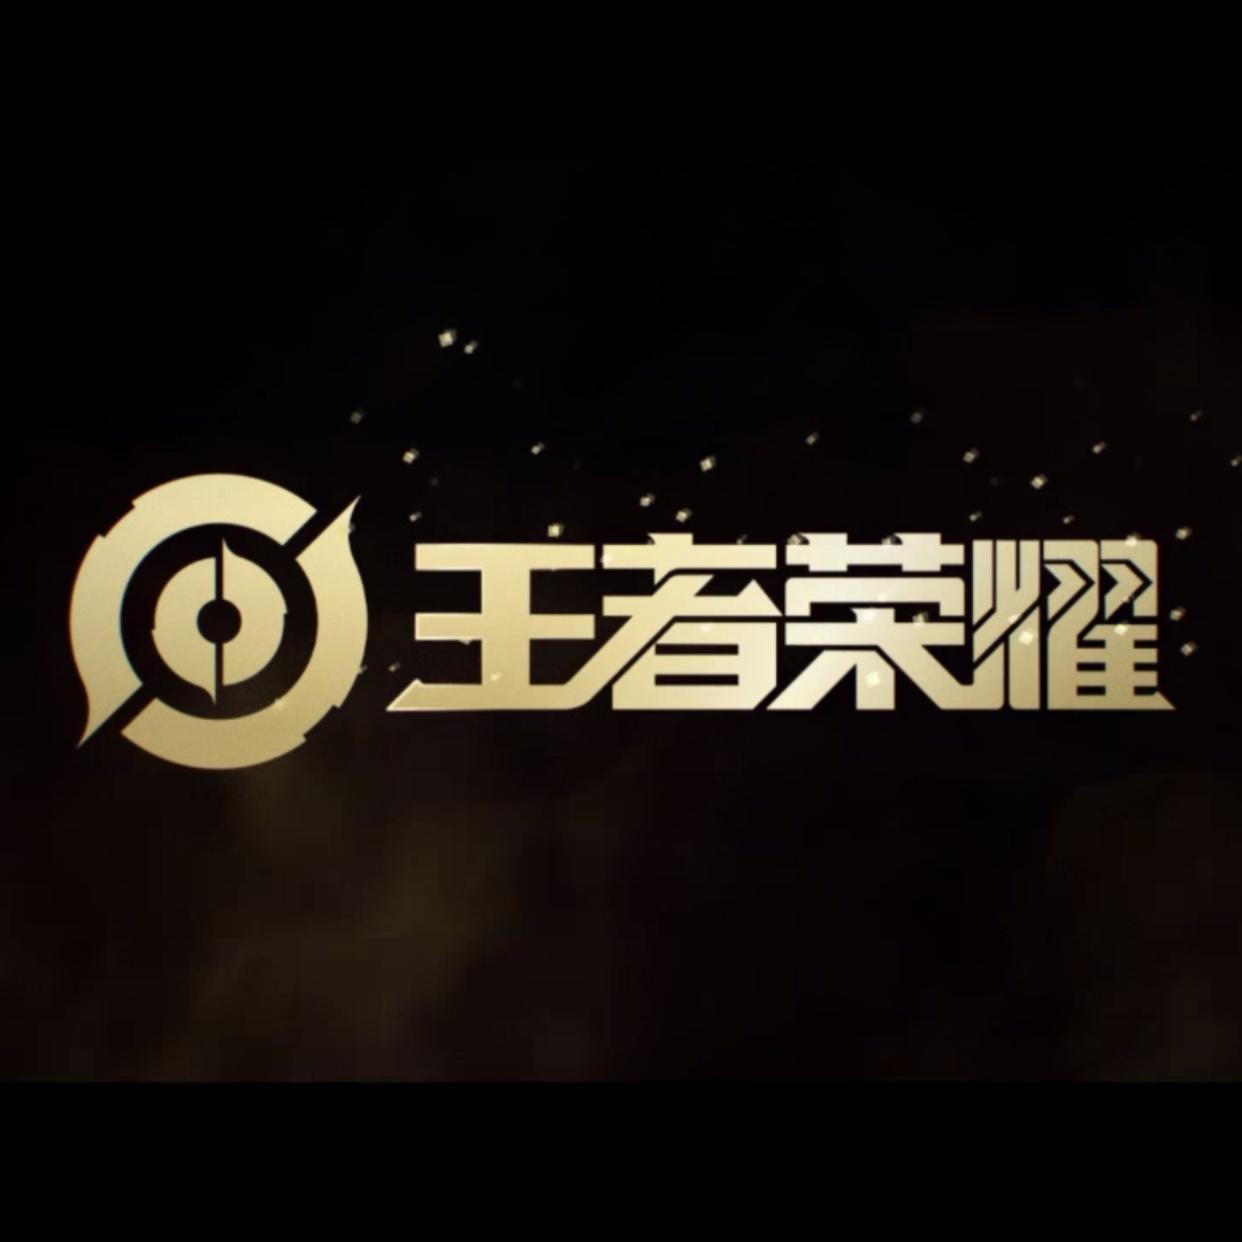 王者荣耀logo翻新啦,大幅改造全新样式